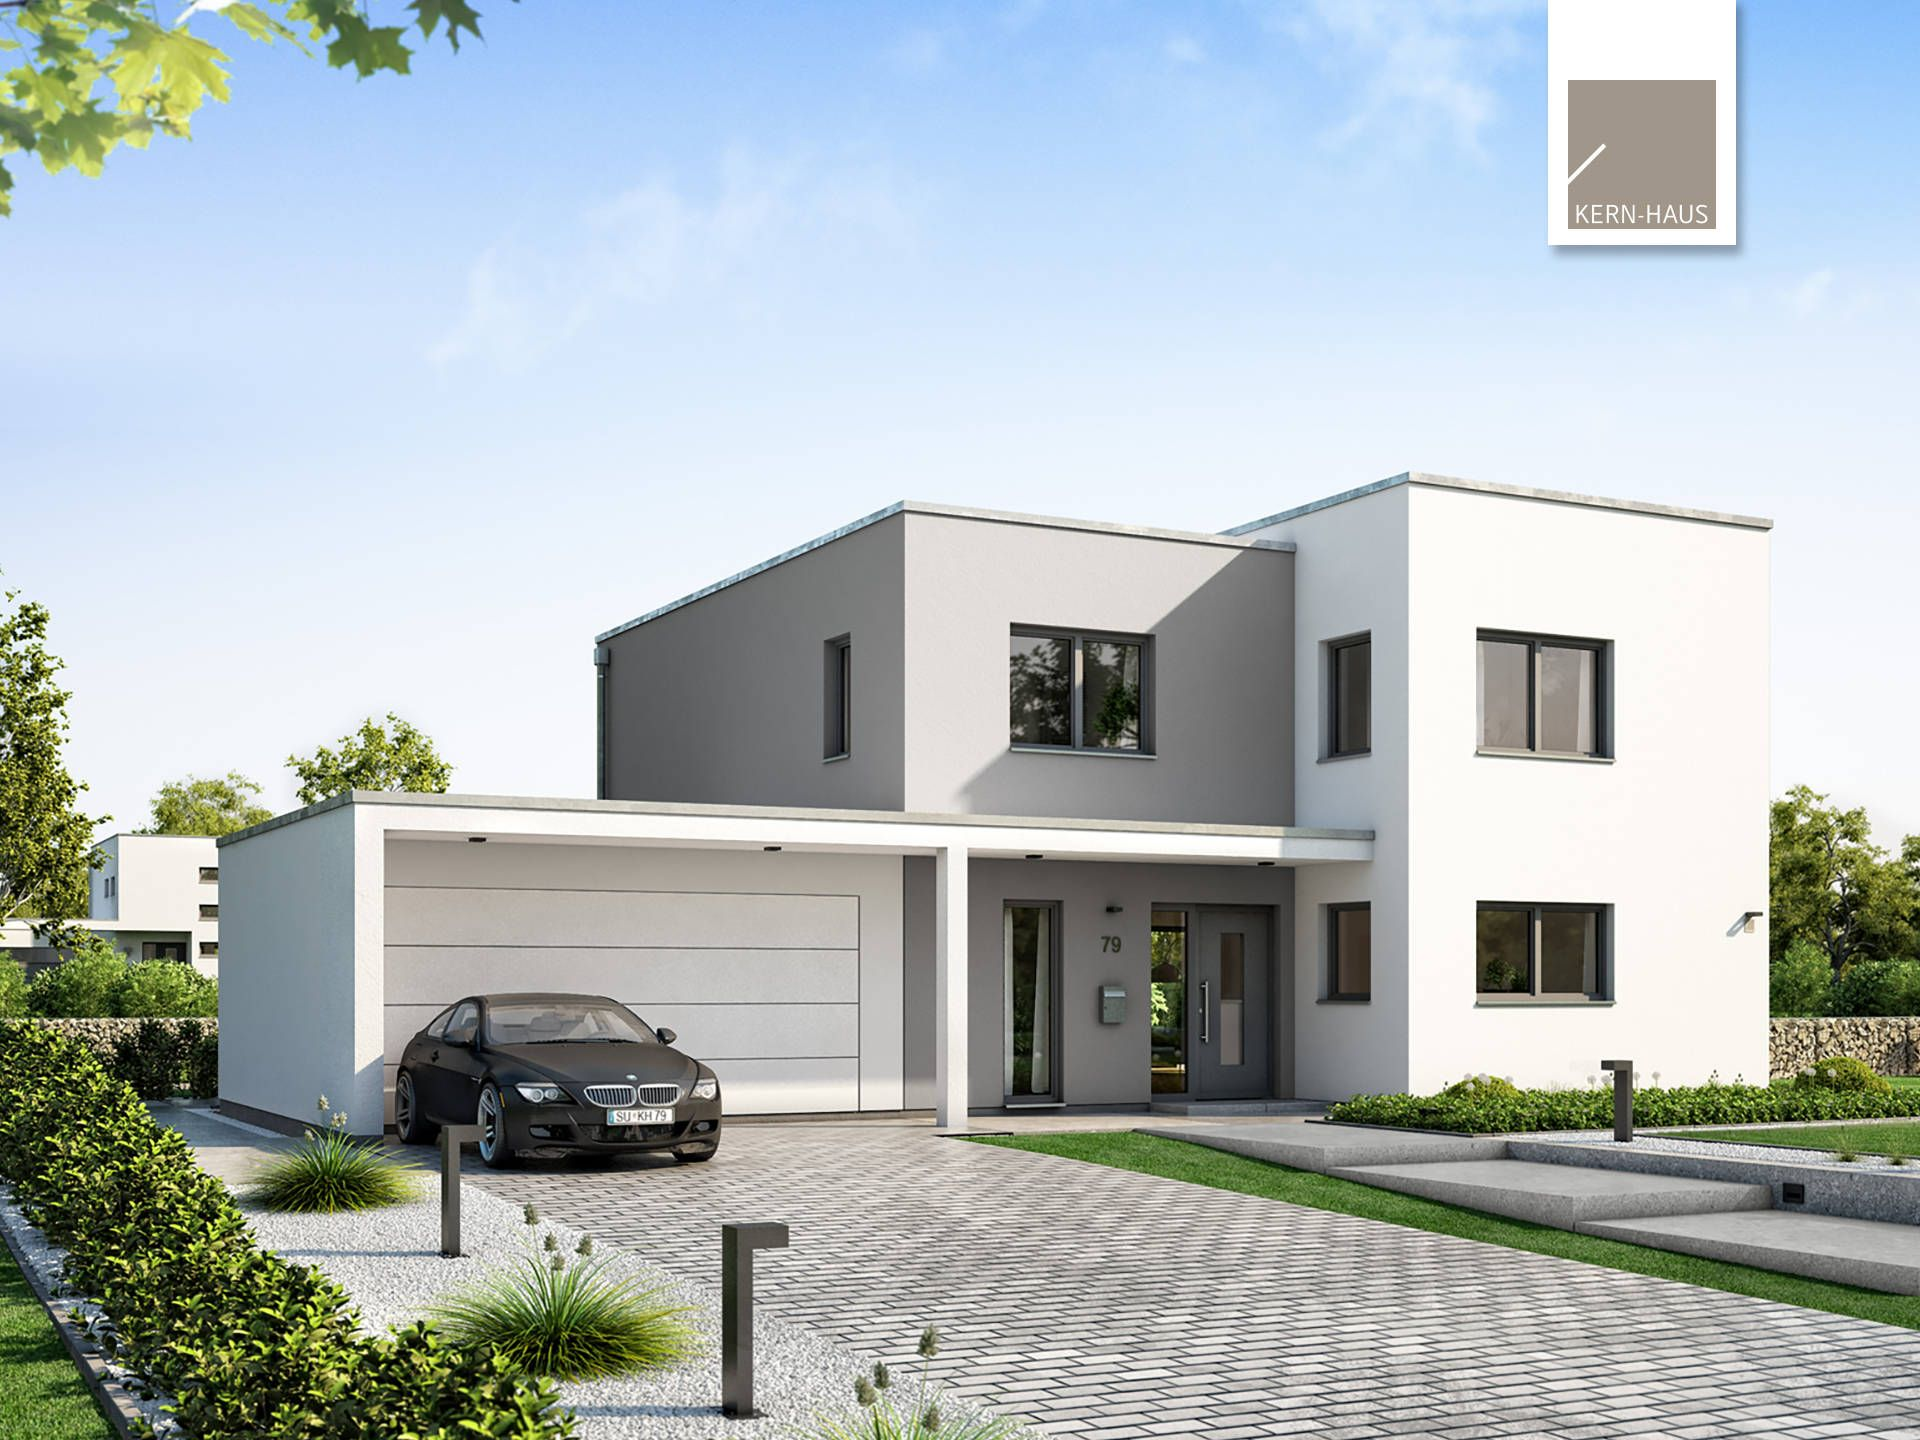 Musterhaus modern satteldach  Bauhaus mit Satteldach in Löderburg - Architekten + Ingenieure ...